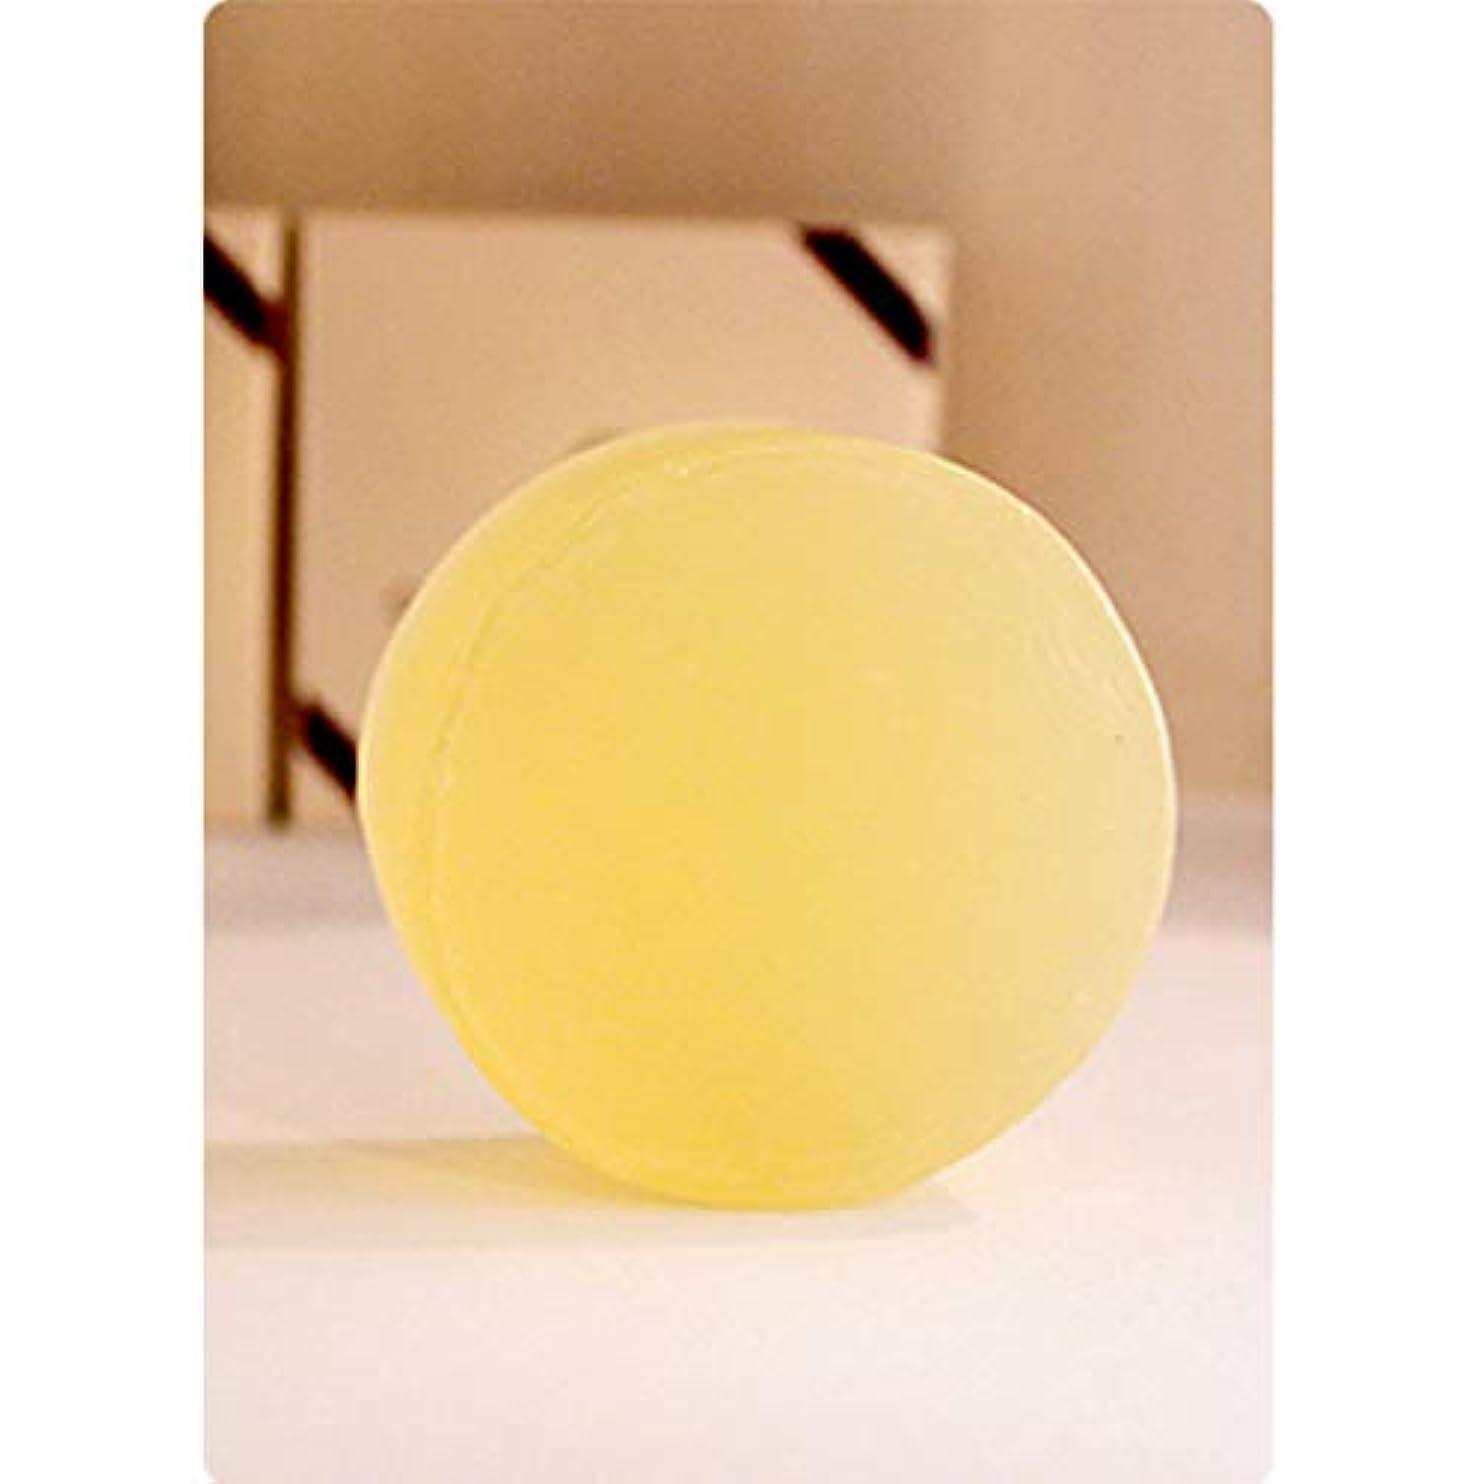 定説現在コラーゲンアロマソープ 80g×3本 香りよく一日の疲れを癒してくれるアロマ石鹸